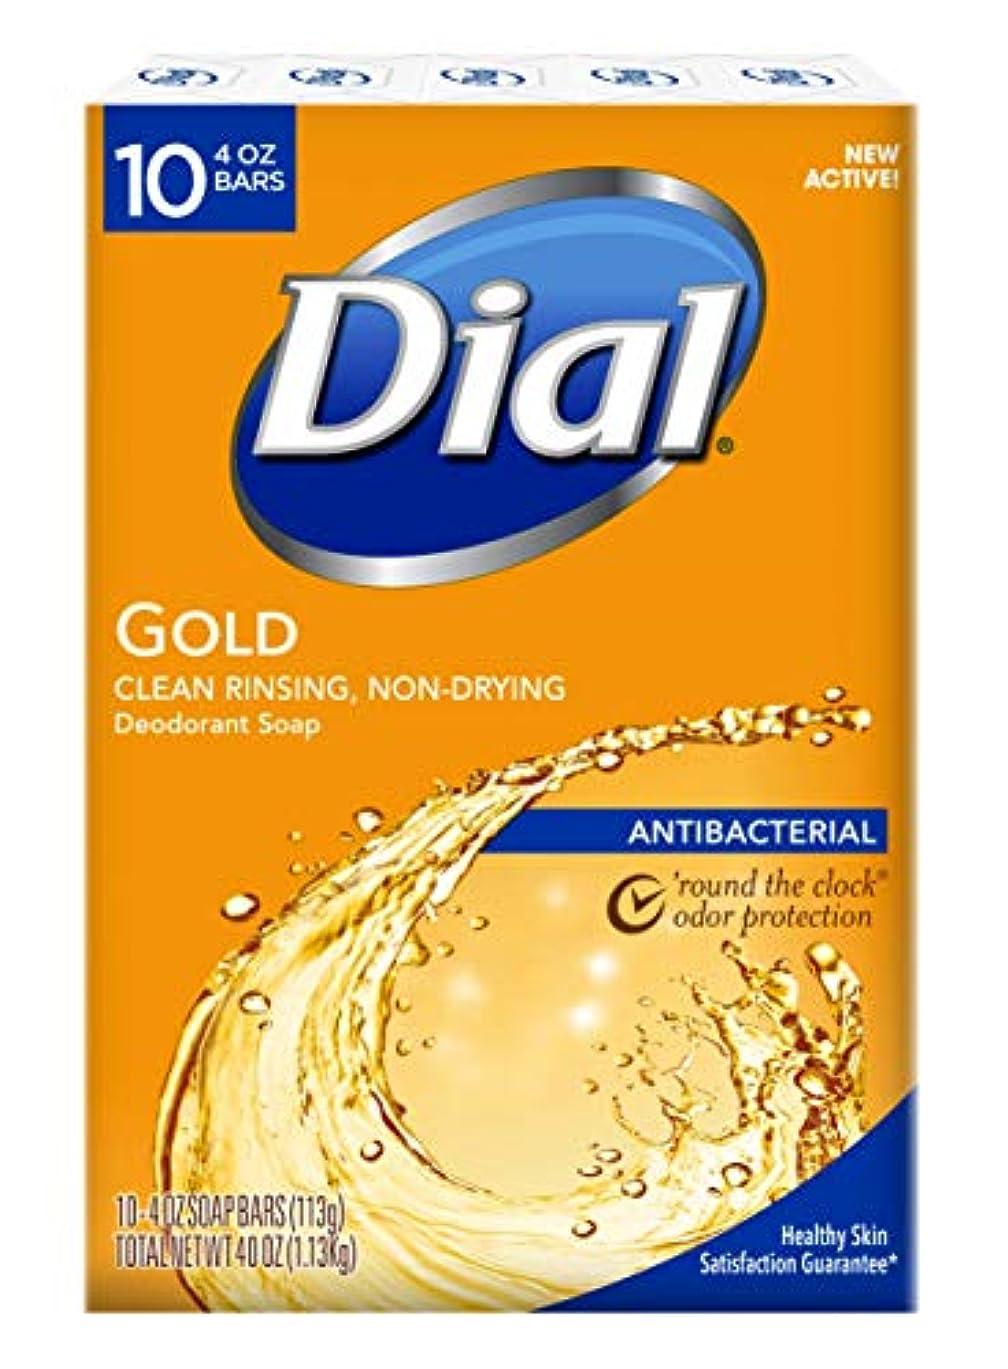 むき出し区境界Dial Antibacterial Deodorant Bar Soap, Gold, 4-Ounce Bars, 10 Count (Pack of 3)